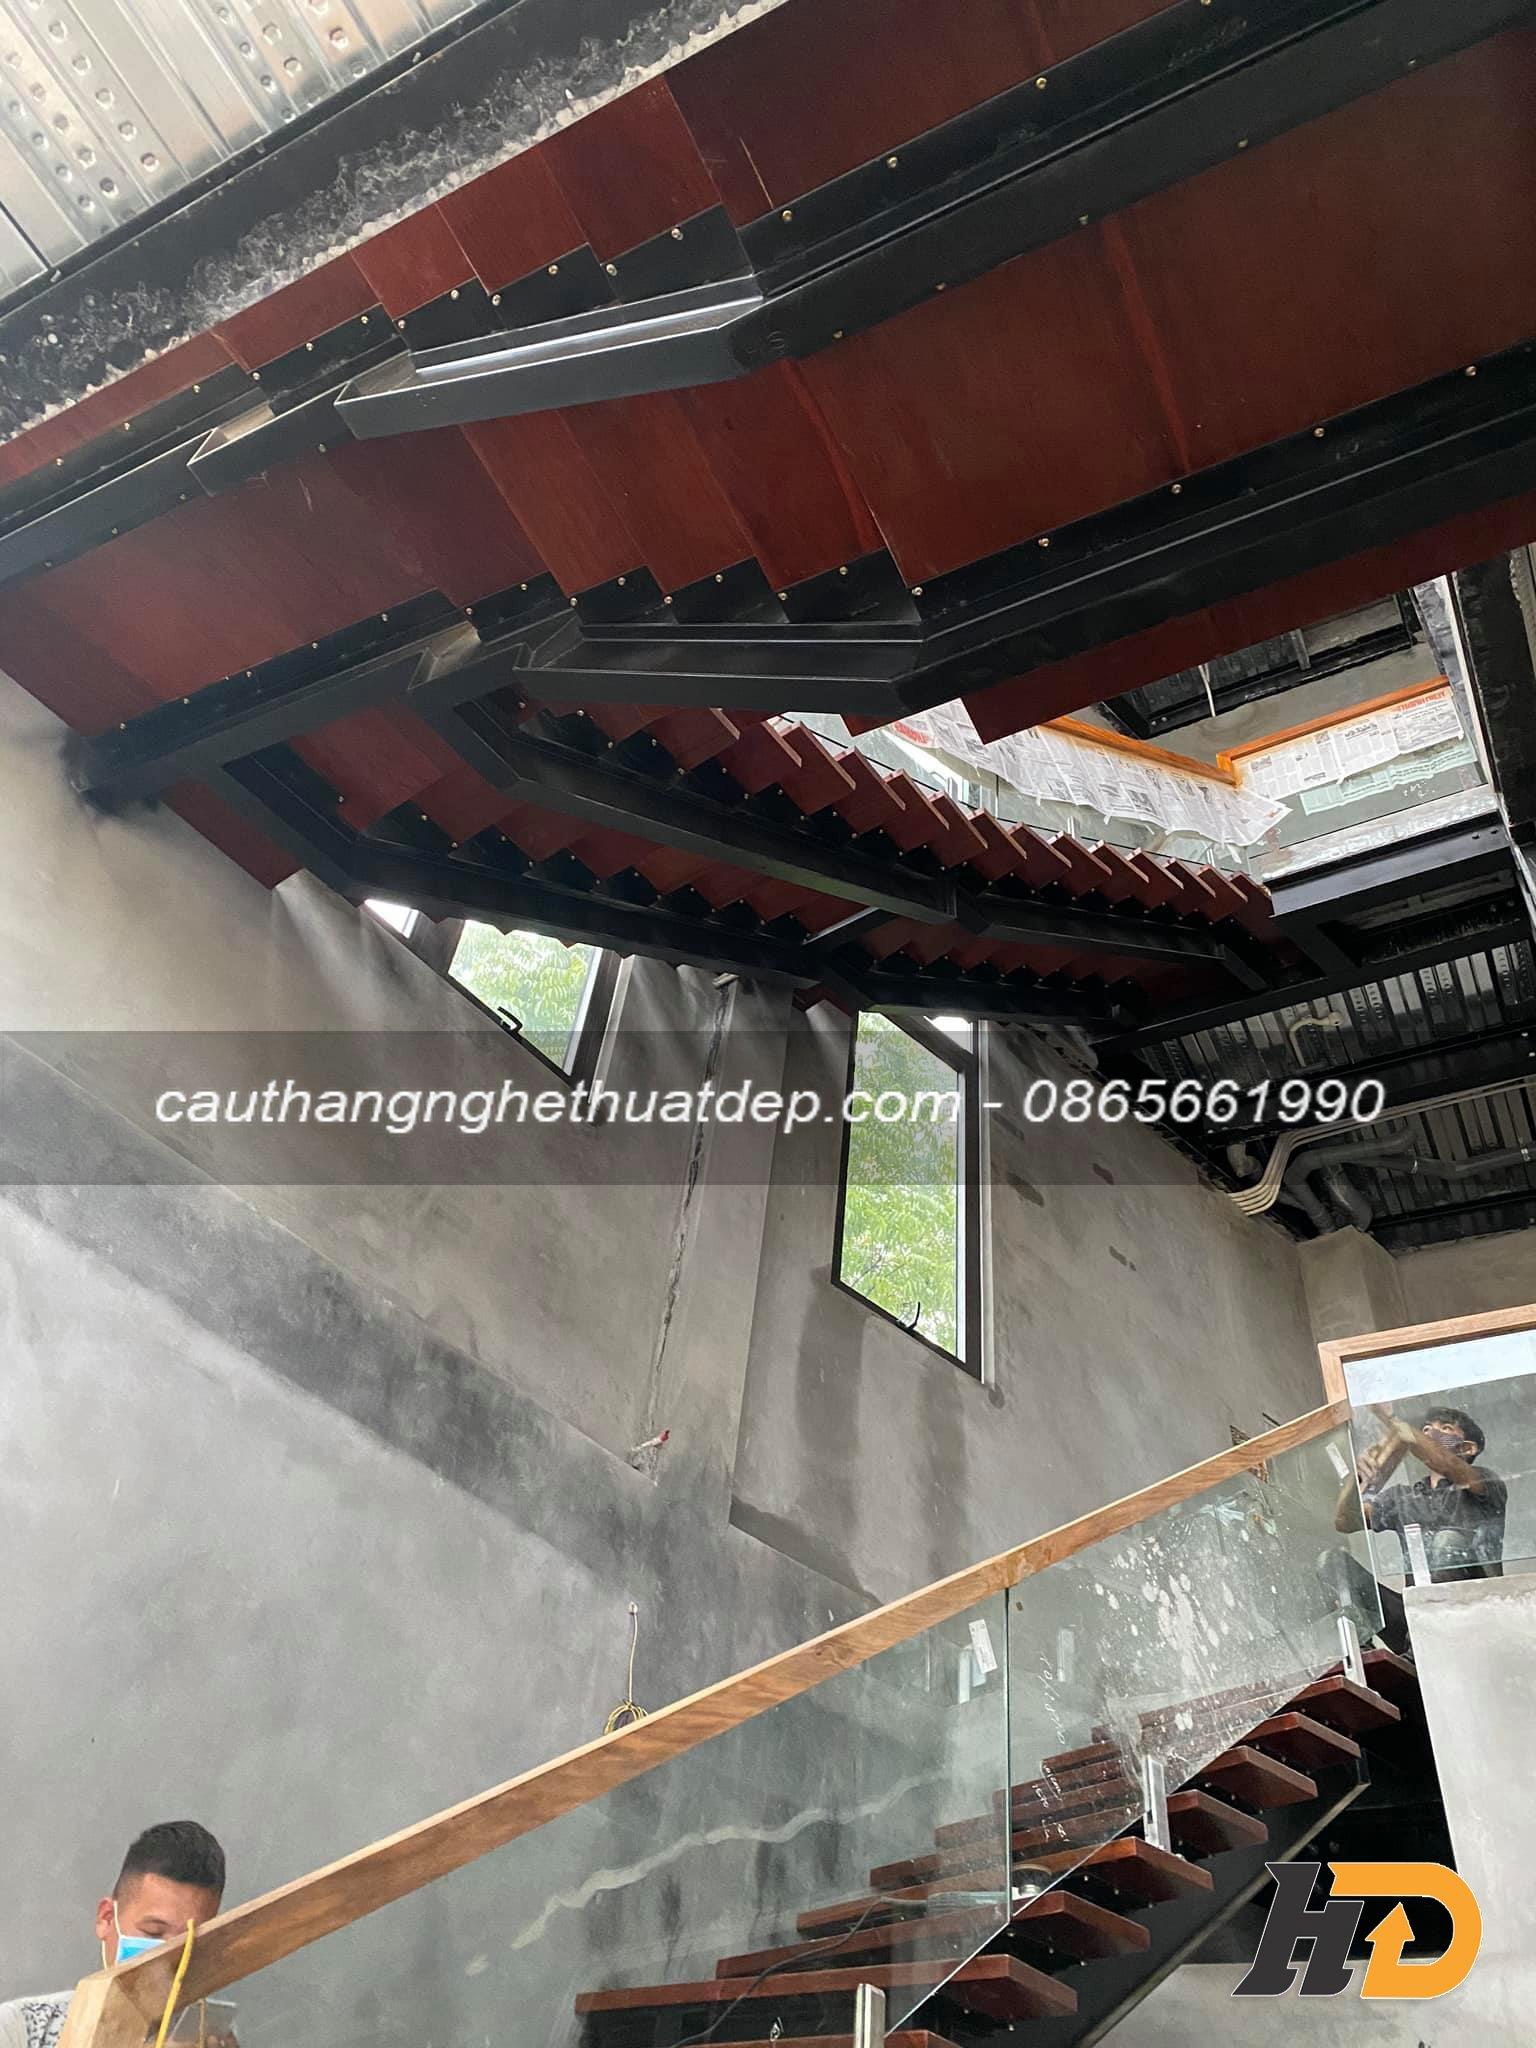 Cầu thang sử dụng khung xương i kép mang lại sự chắc chắn an toàn, và có tính chịu lực cực cao